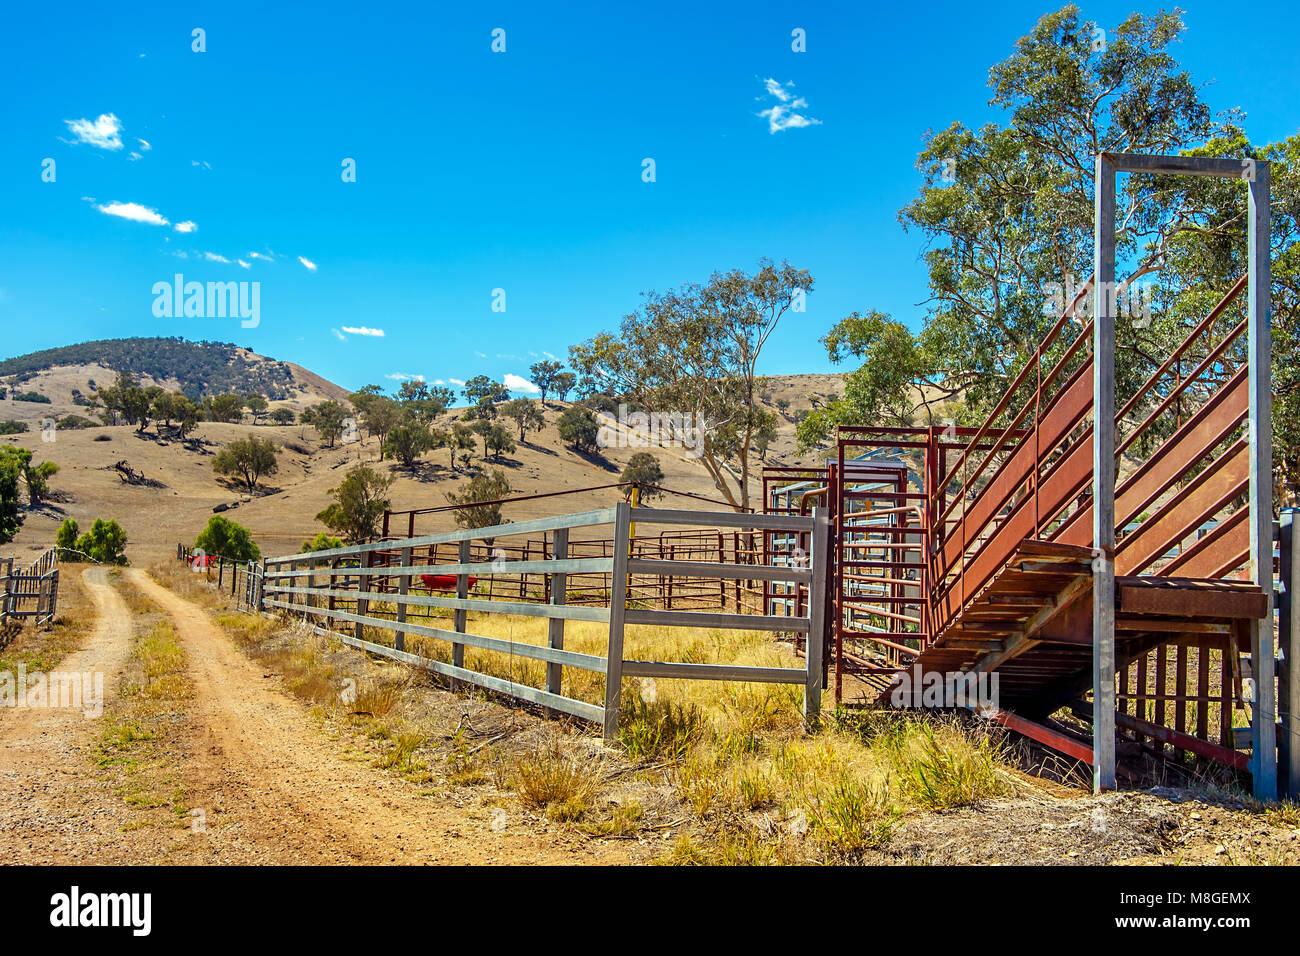 Schafe auf der Weide und Beladestation in New South Wales, Australien Stockbild